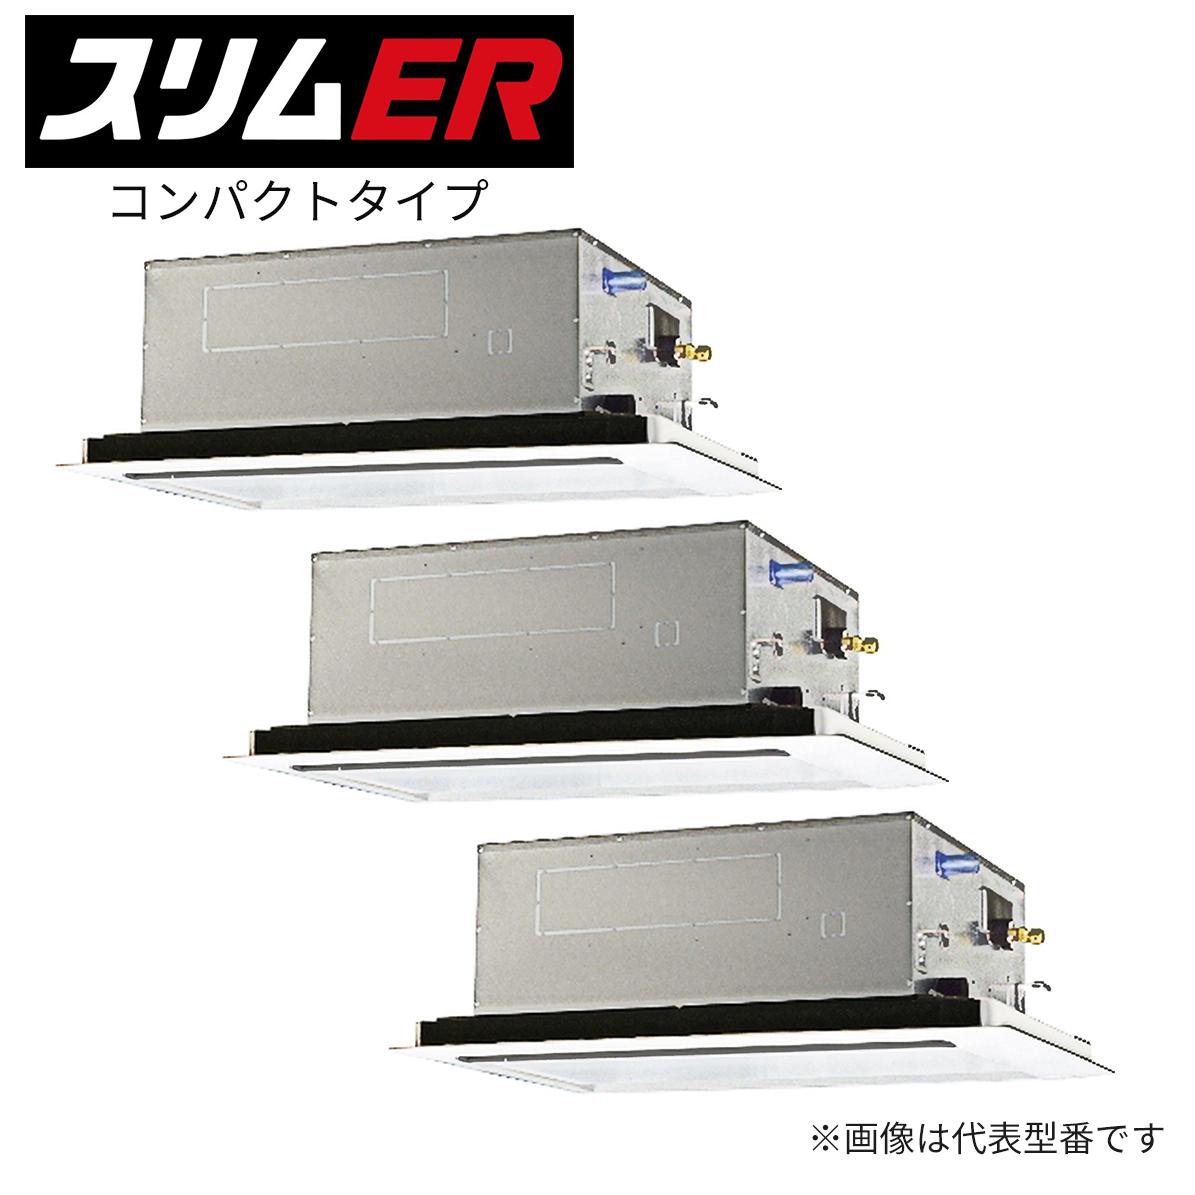 ###三菱 業務用エアコン【PLZT-ERMP160LT】スリムER コンパクトタイプ 2方向天井カセット形 同時トリプル 三相200V 6馬力